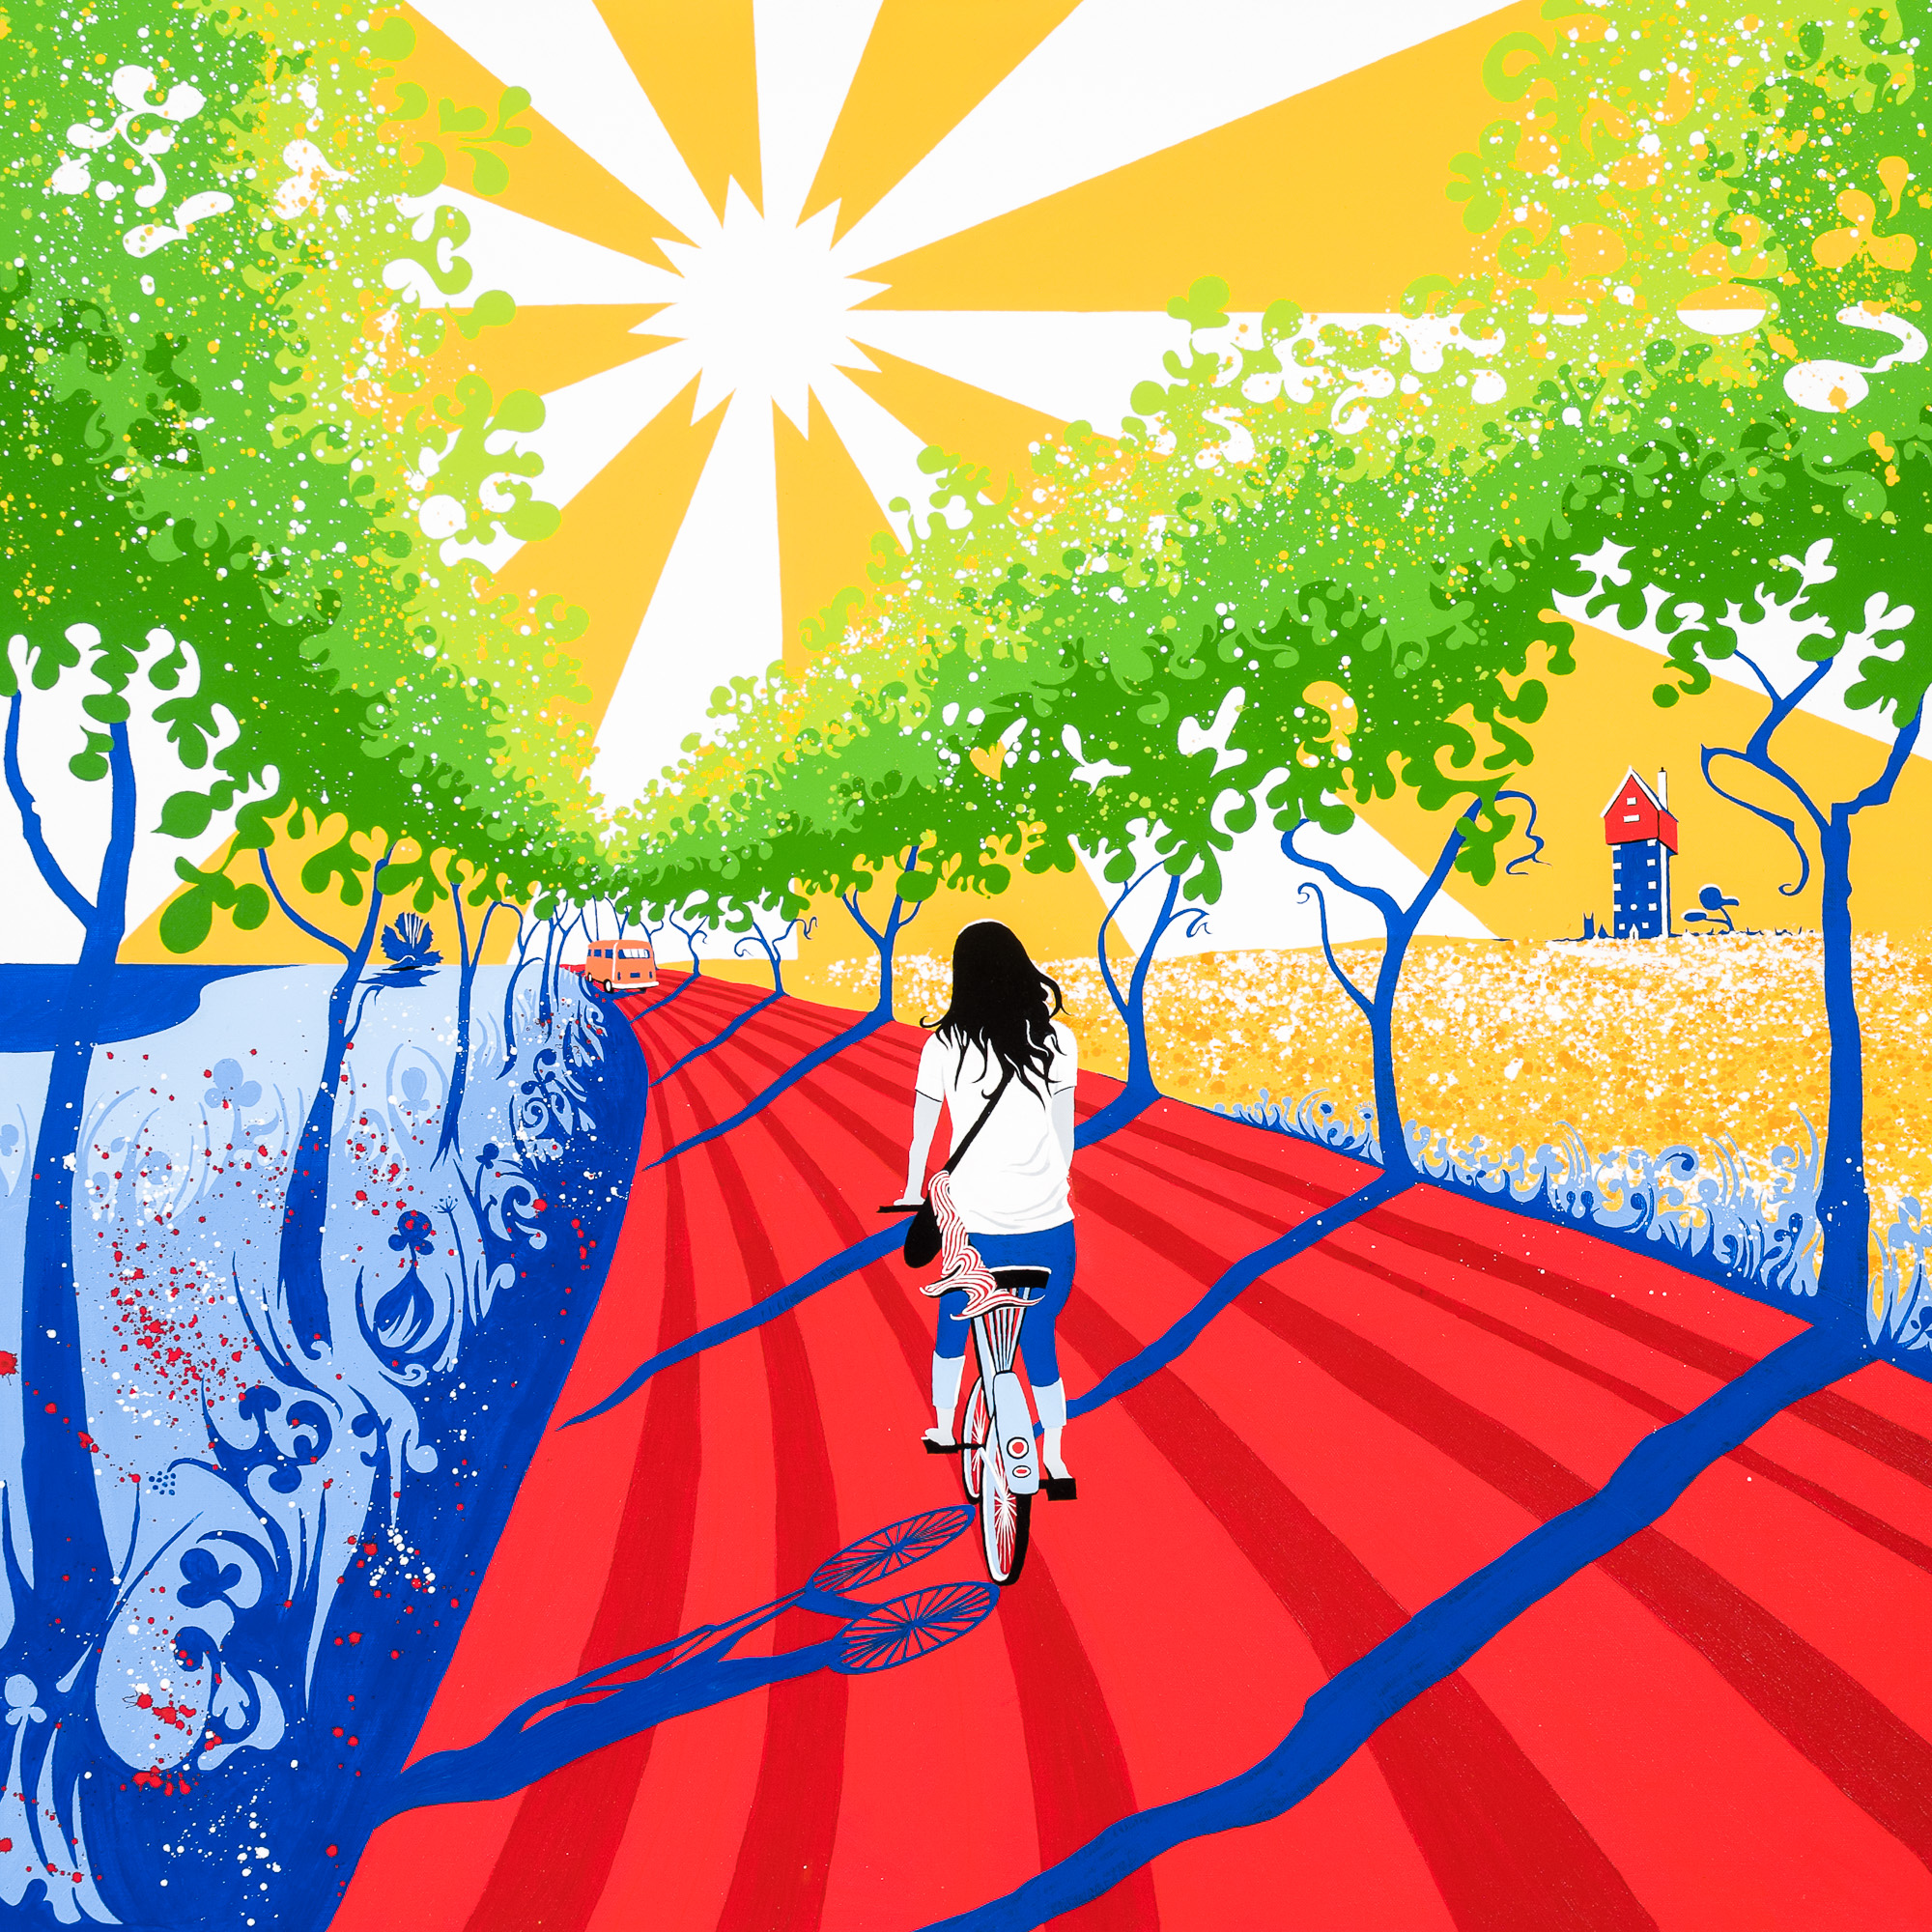 Sunny Days Ahead.jpg